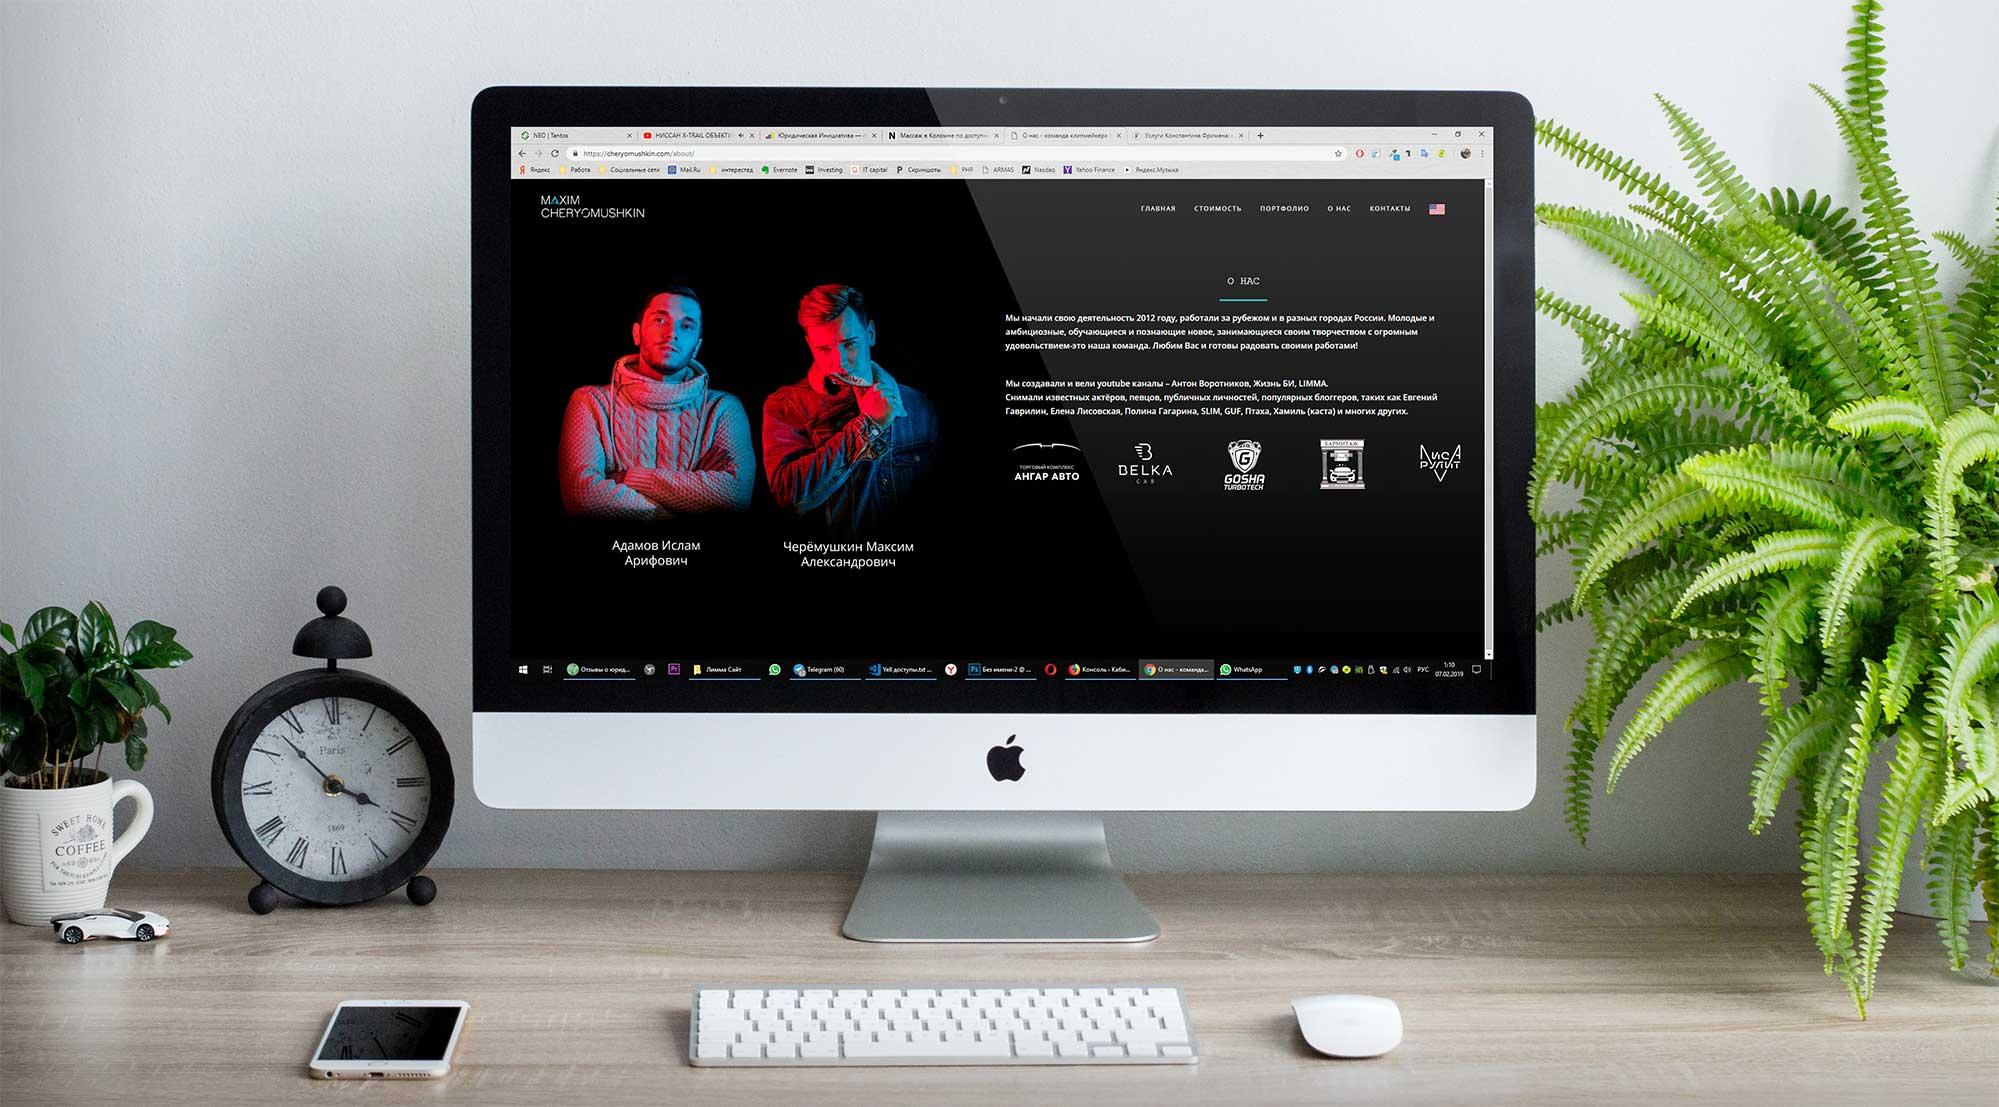 Создание сайта для клипмейкера Максима Черемушкина: простой и понятный сайт с привлекательным дизайном и достаточно сложным расчетом стоимости работы